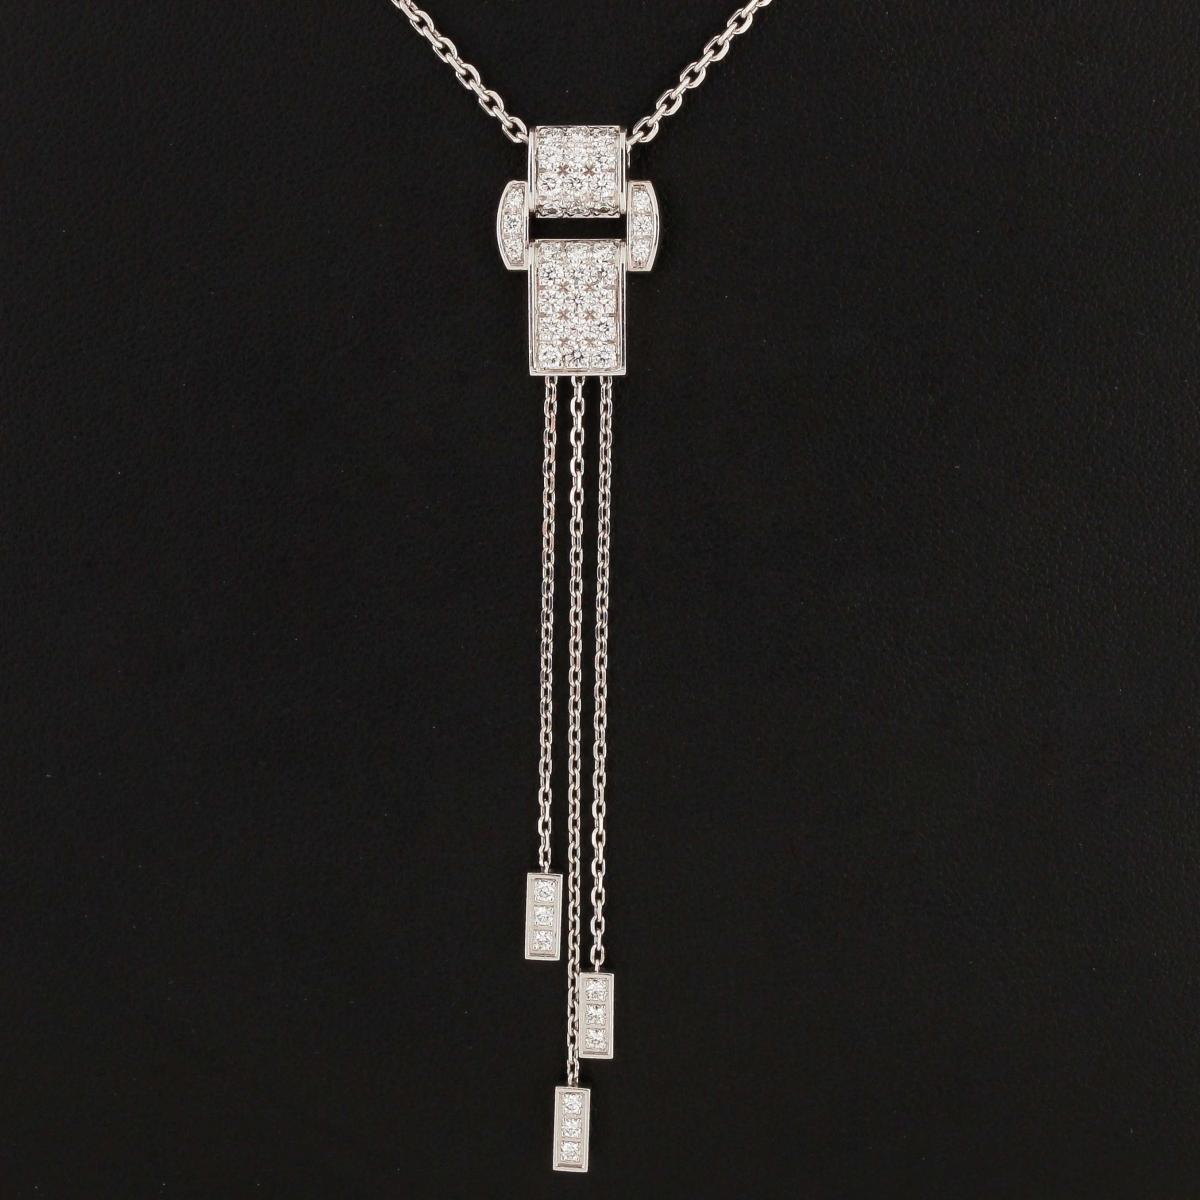 PIAGET Miss Protocole Weißgold Kette mit Diamant-Anhänger Neu (2017)